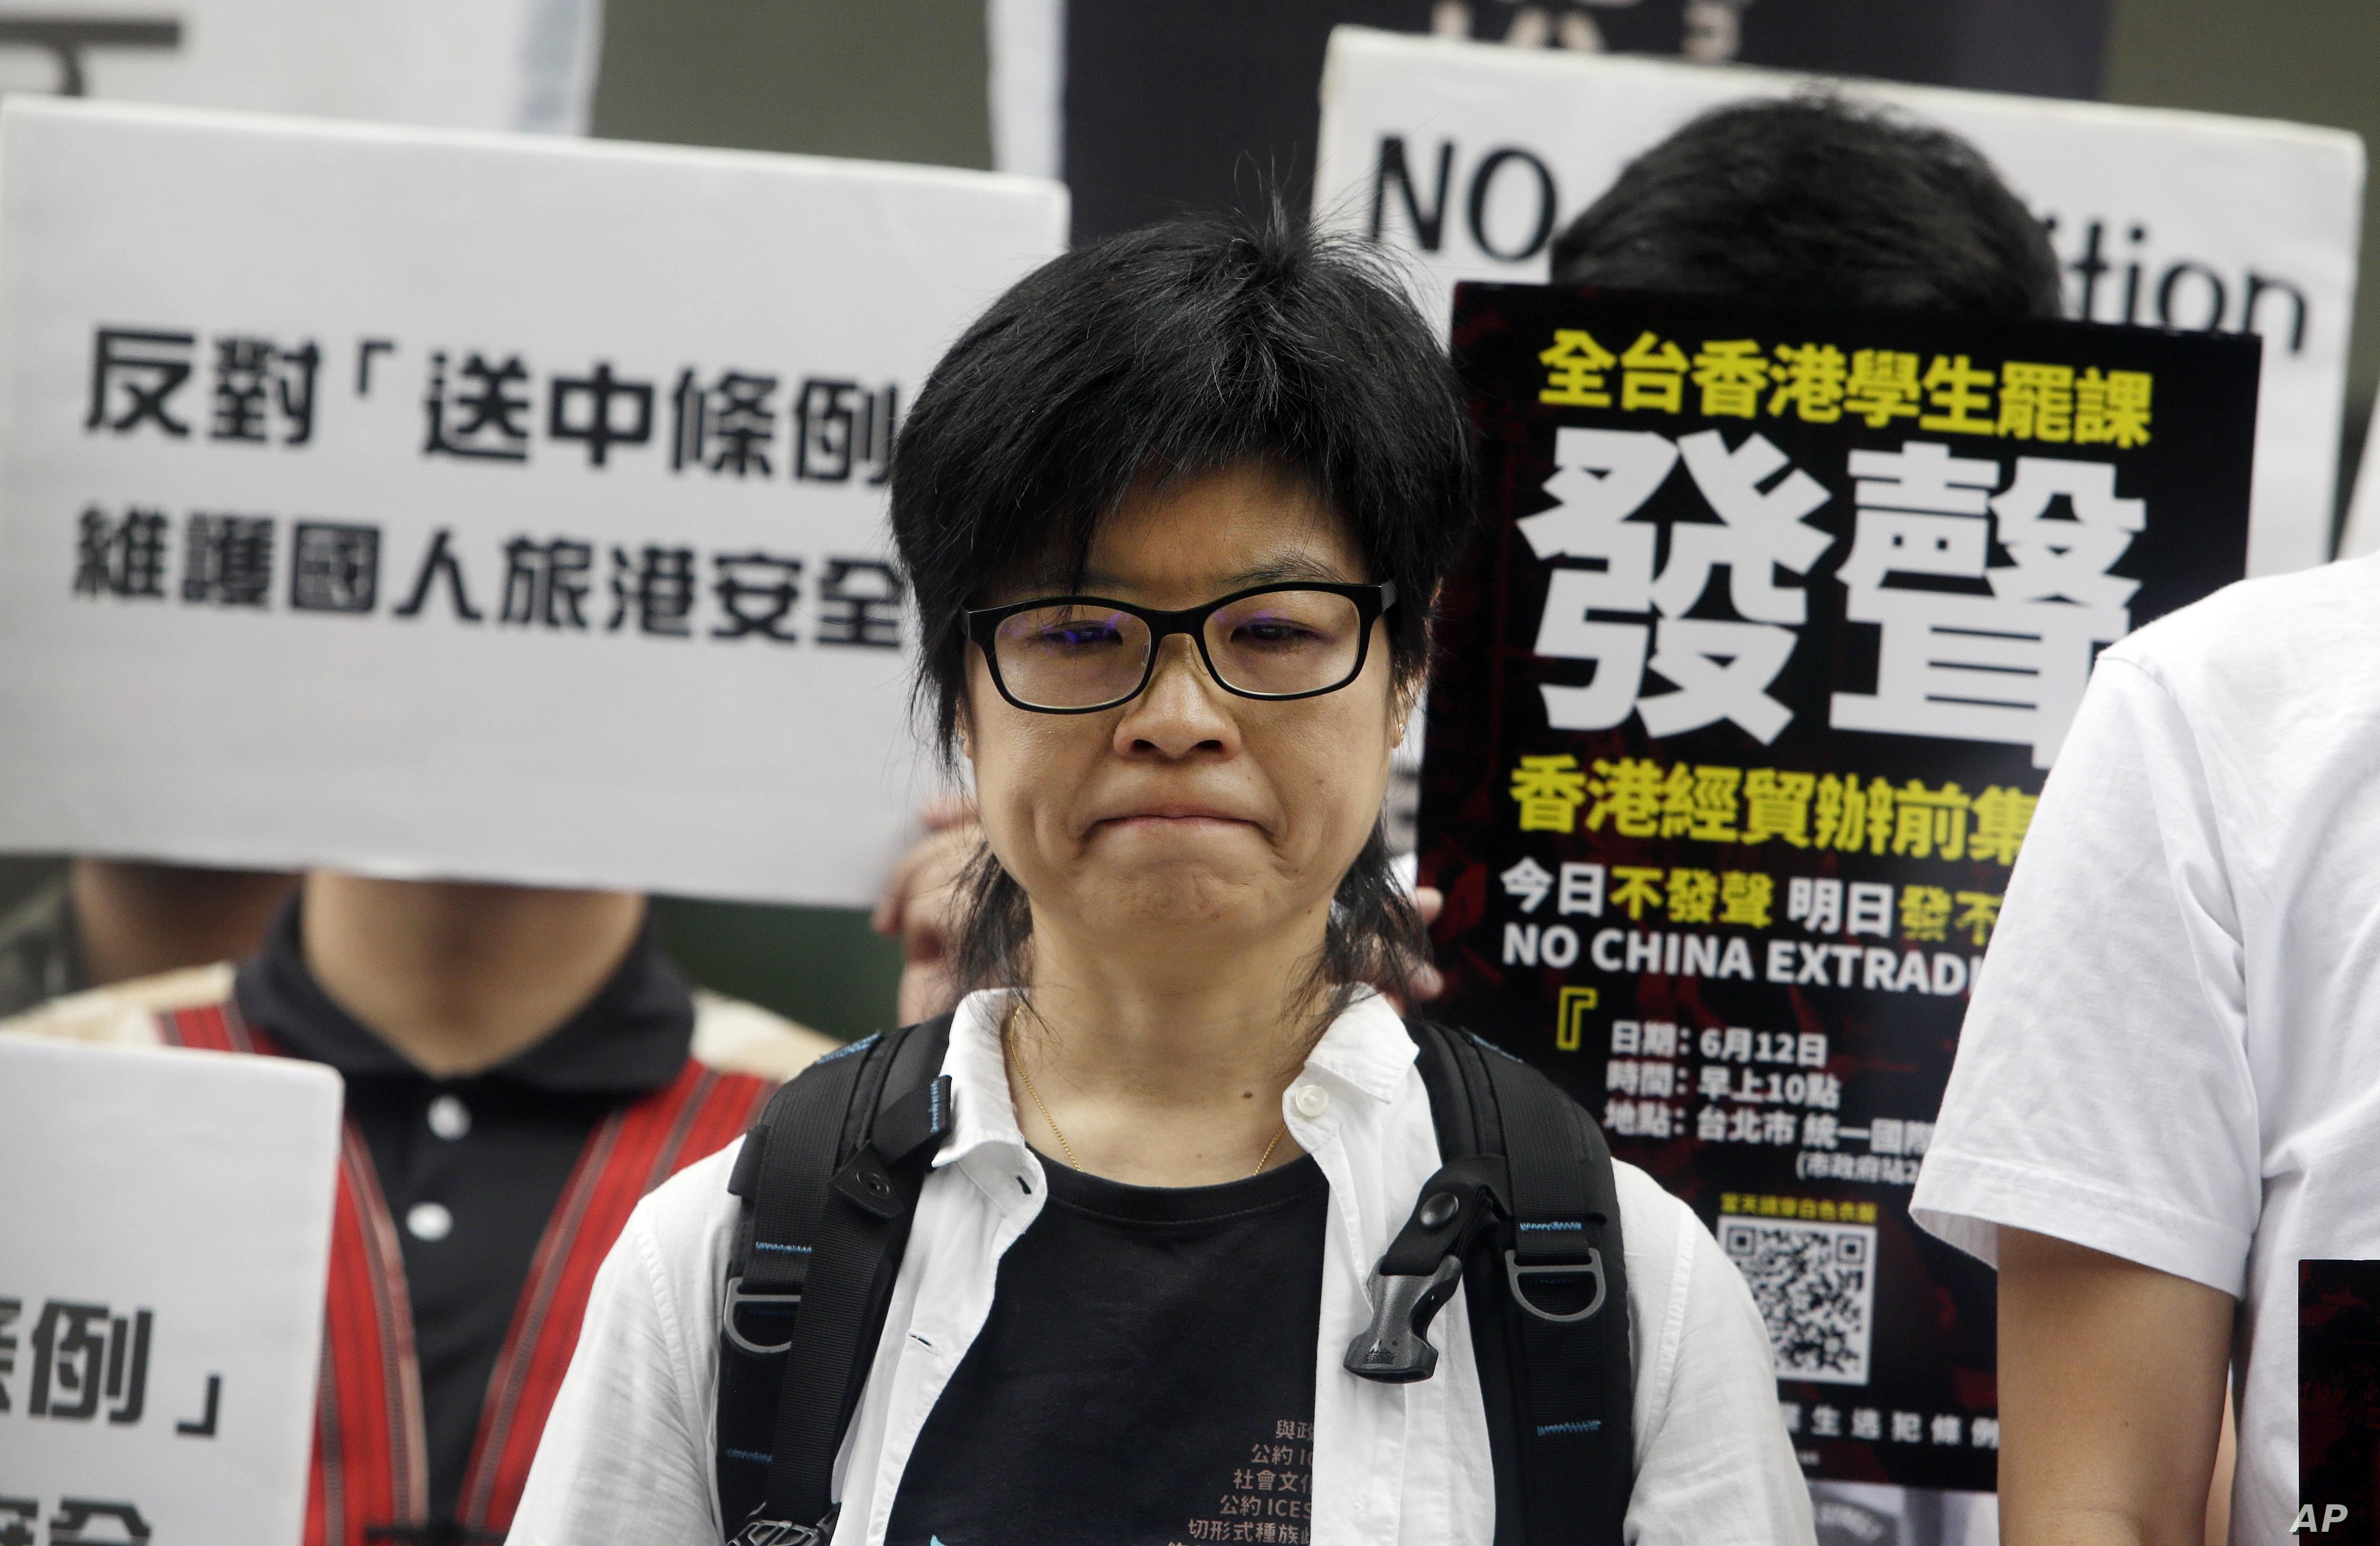 Người dân Đài Loan xuống đường để ủng hộ cuộc biểu tình tại Hồng Kông